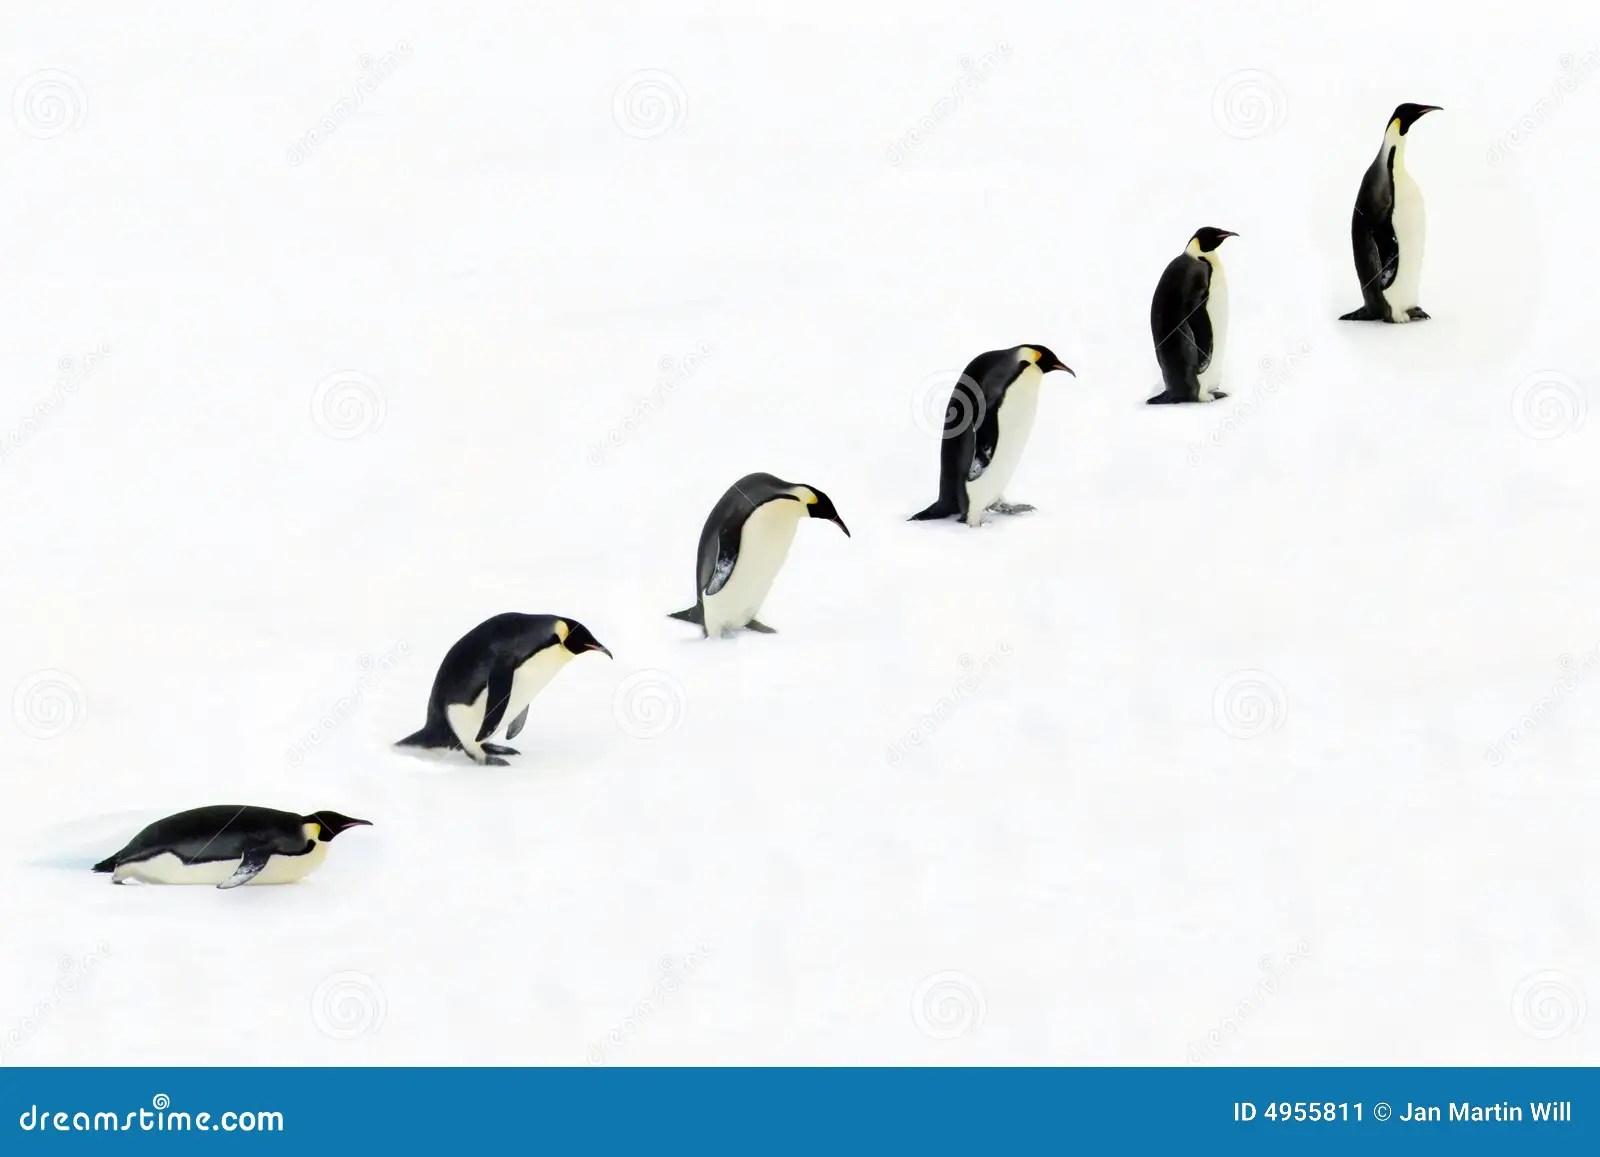 Évolution d'un pingouin illustration stock. Illustration